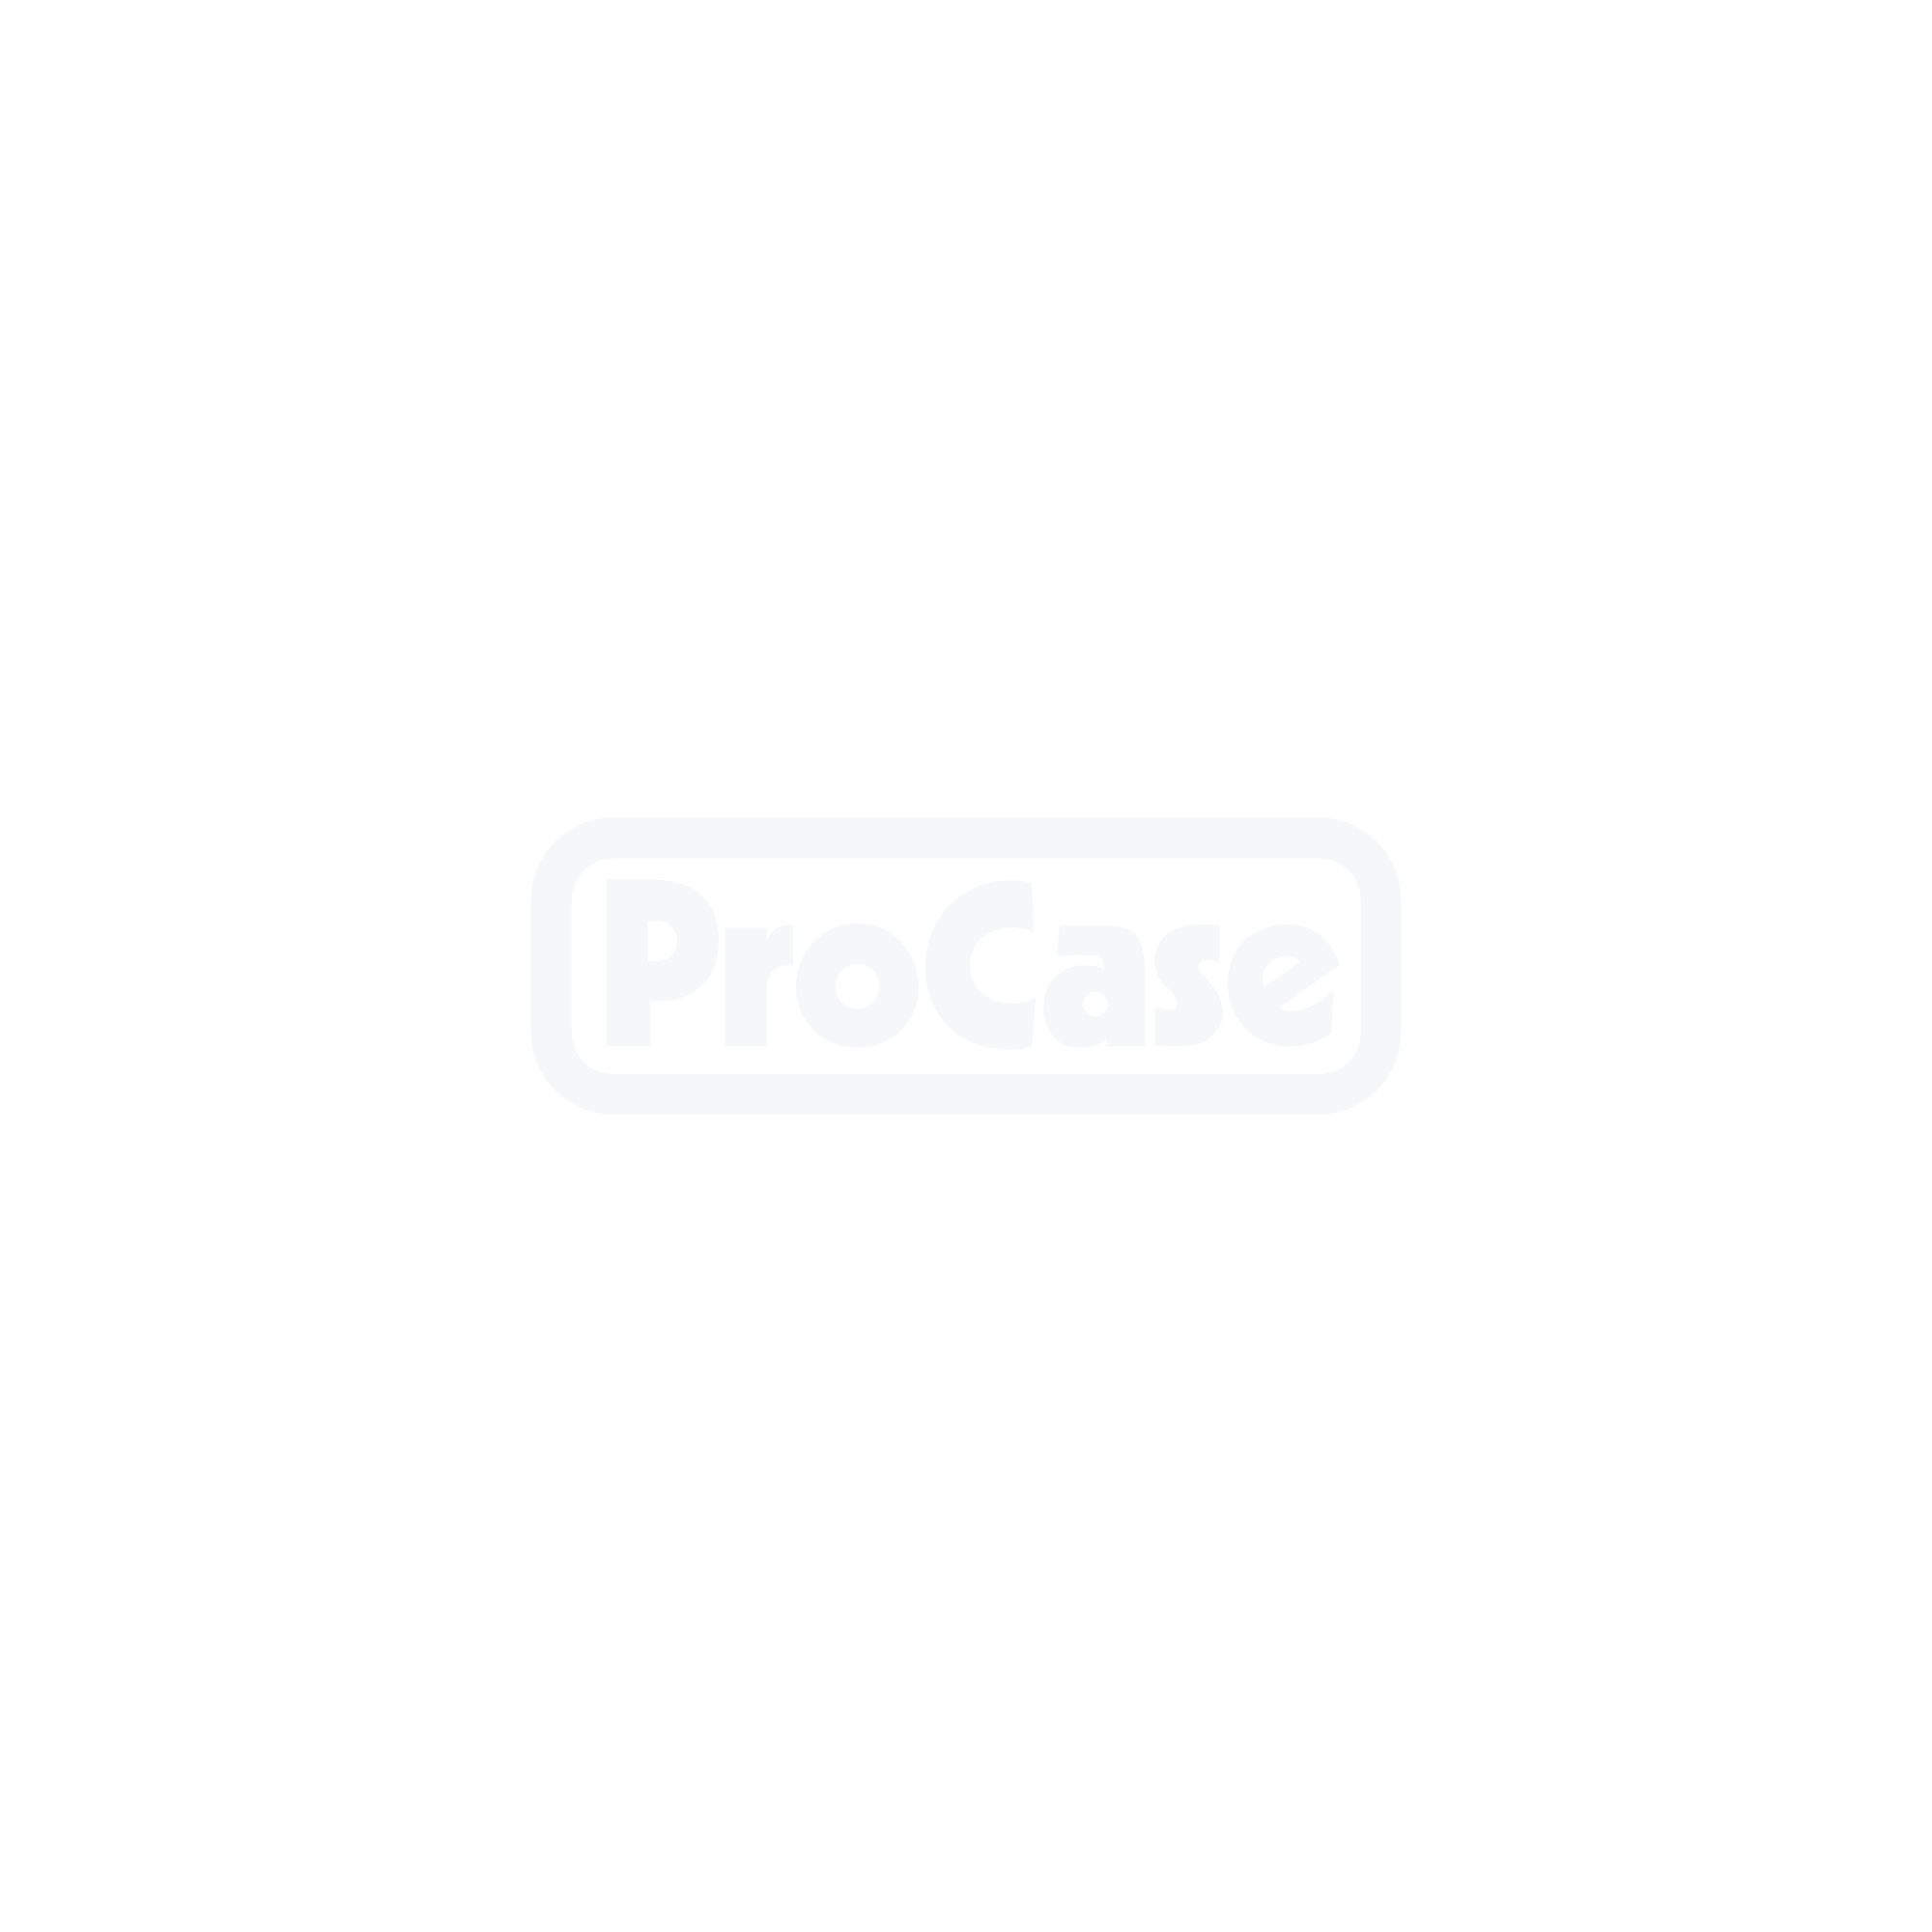 SKB 3R Koffer 2423-17B leer mit Trolley 2